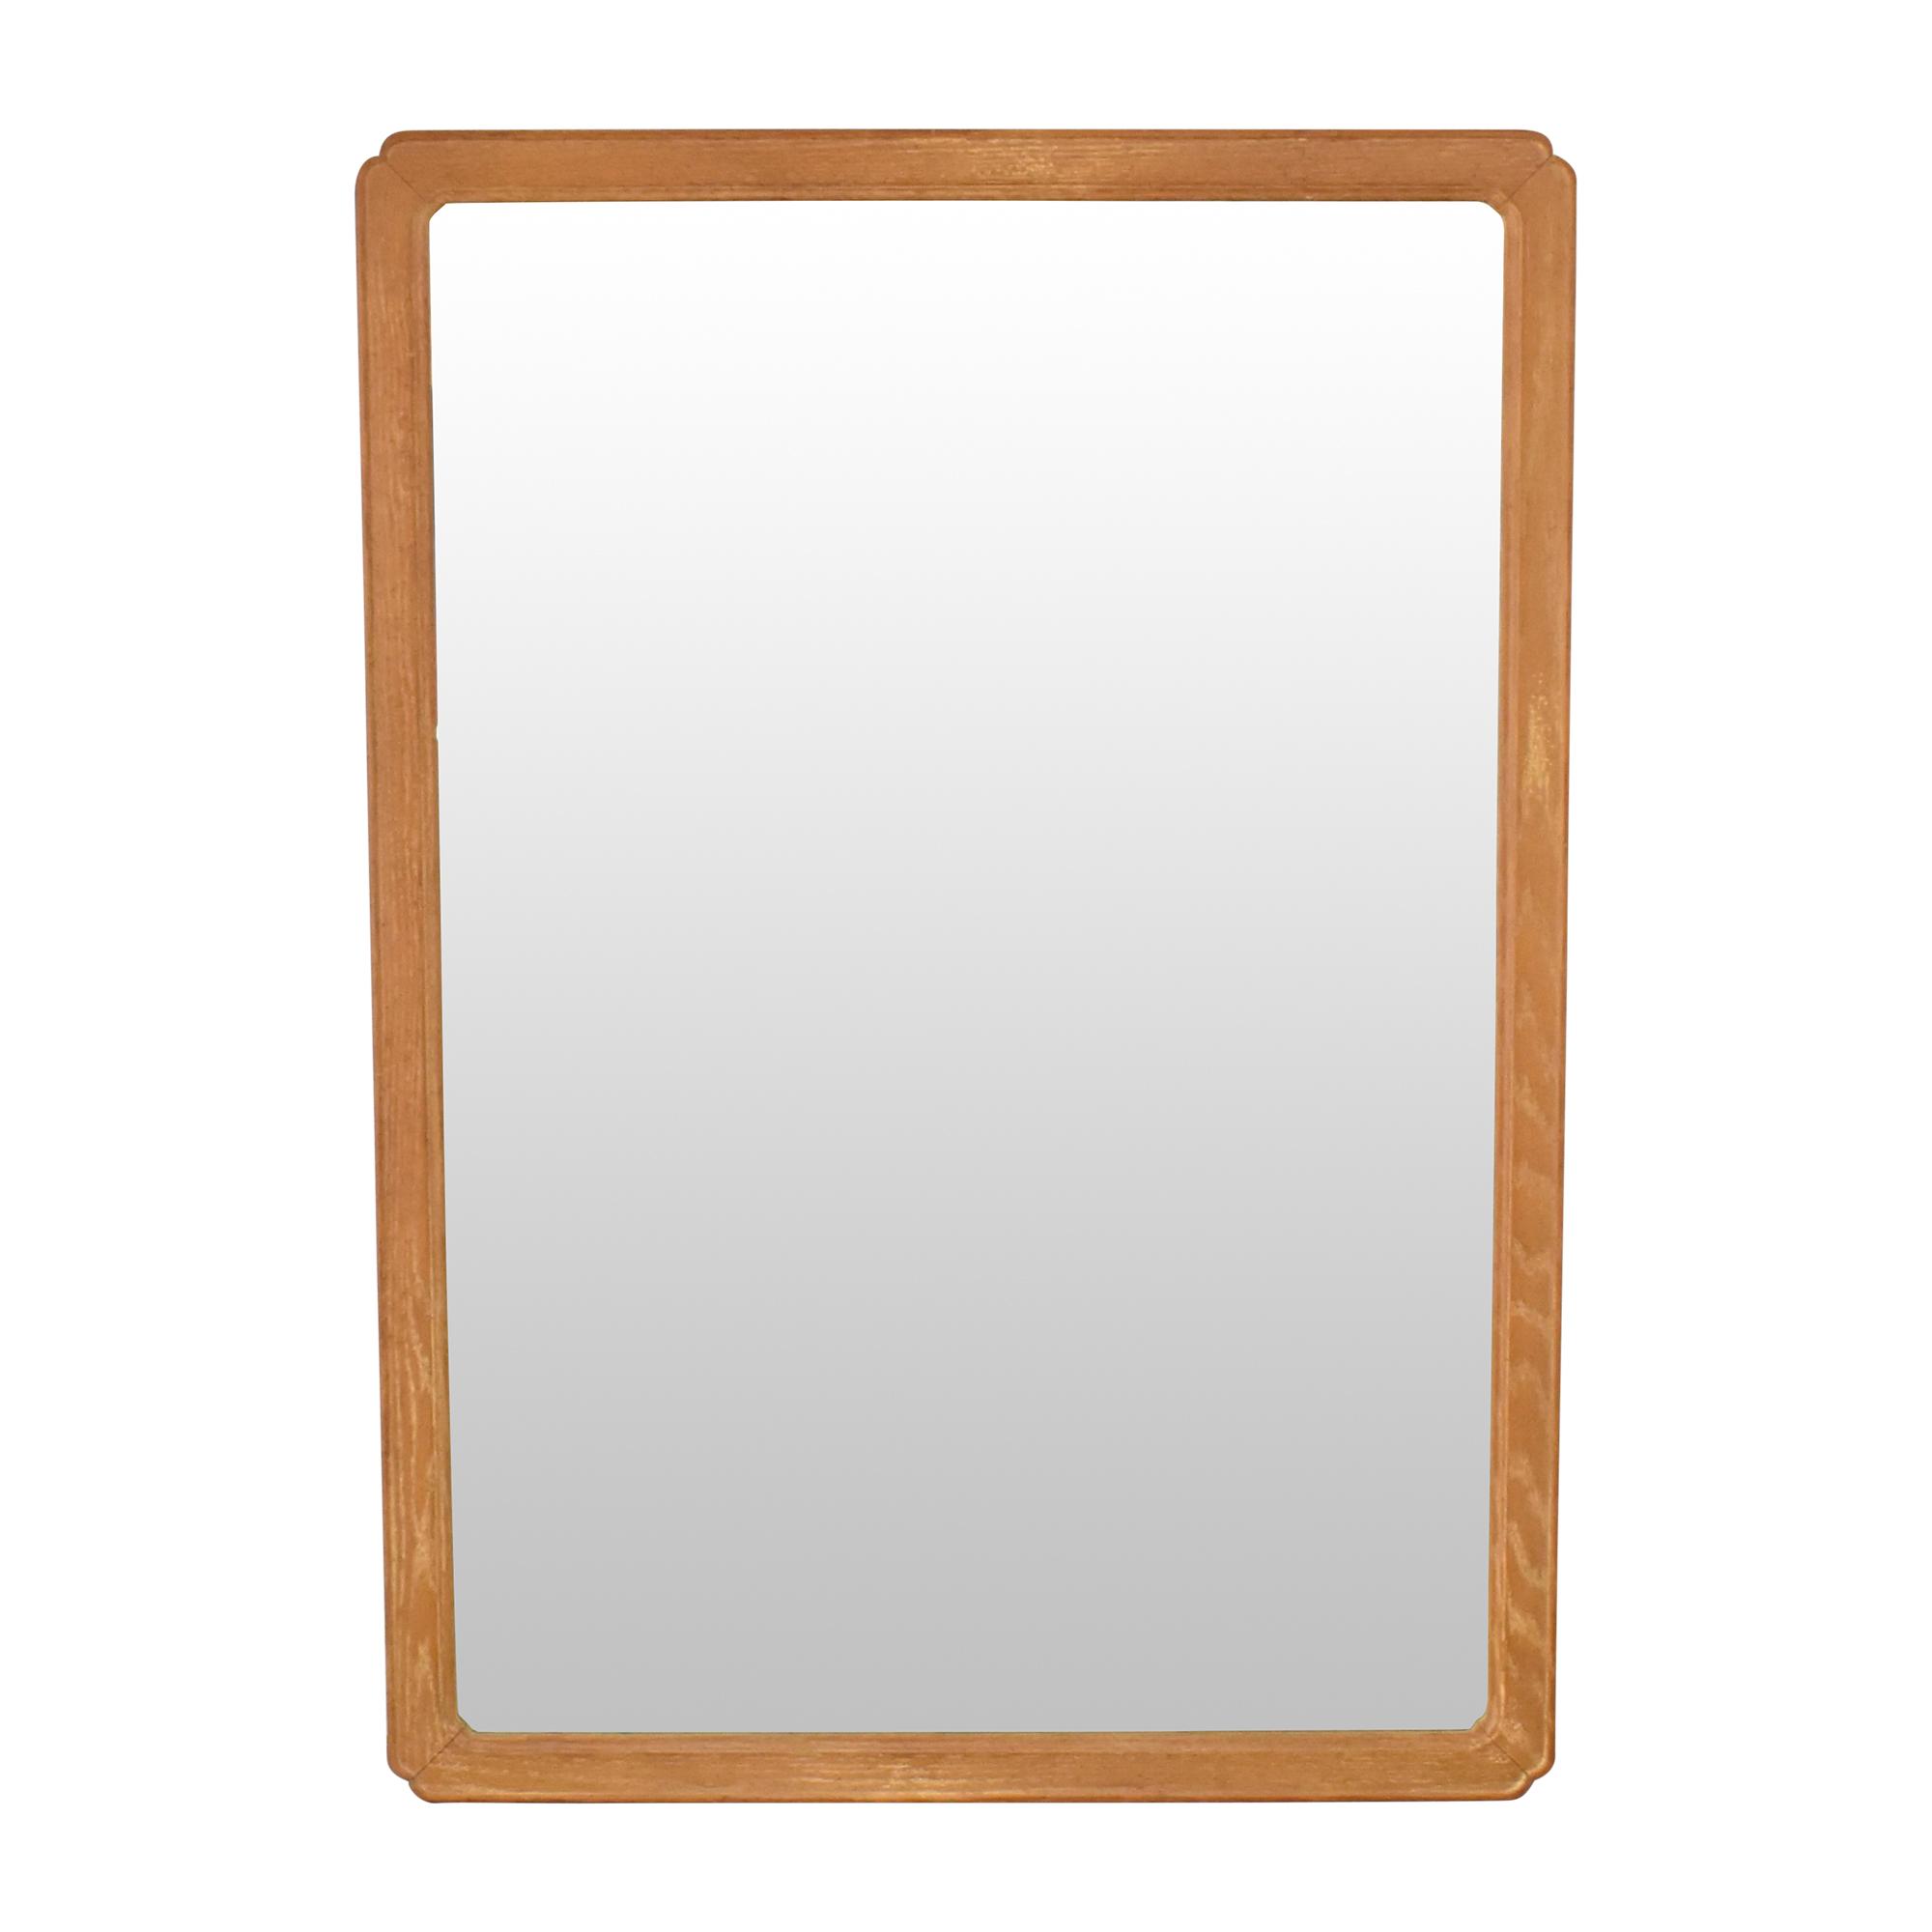 Henredon Furniture Henredon Framed Mirror dimensions